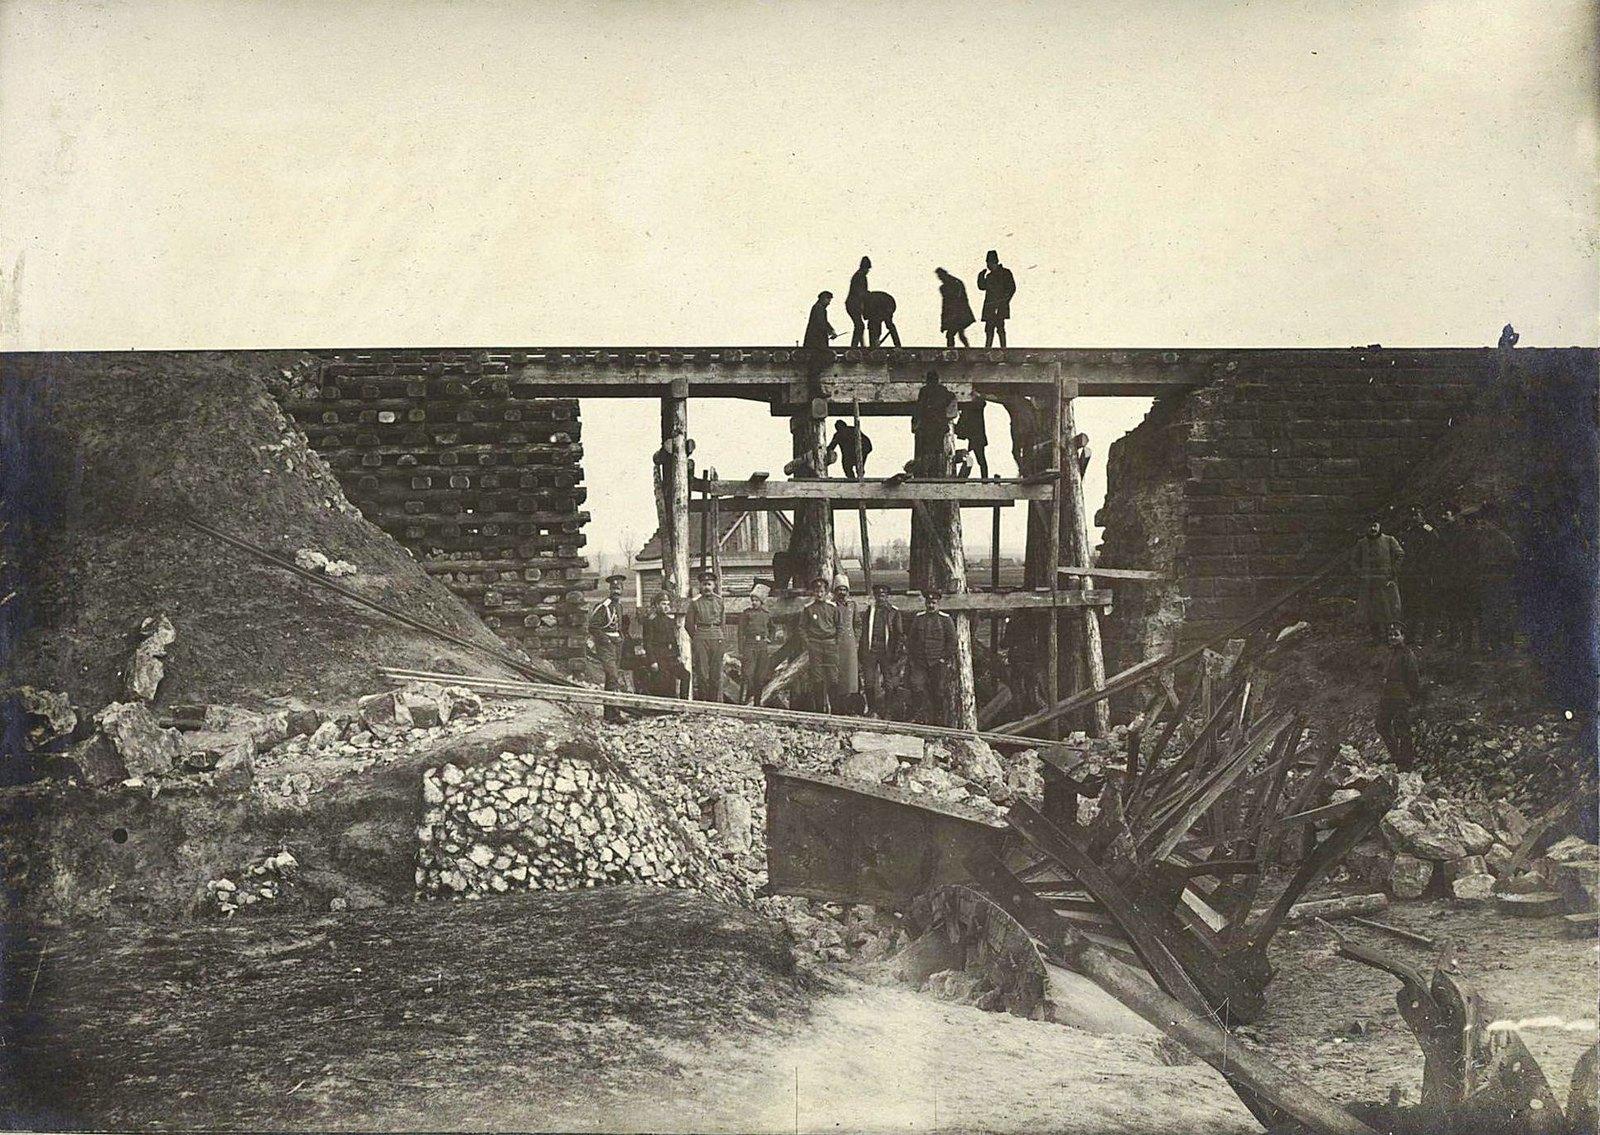 03. Восстановленный силами дороги четырёхсаженный мост на 120-й версте